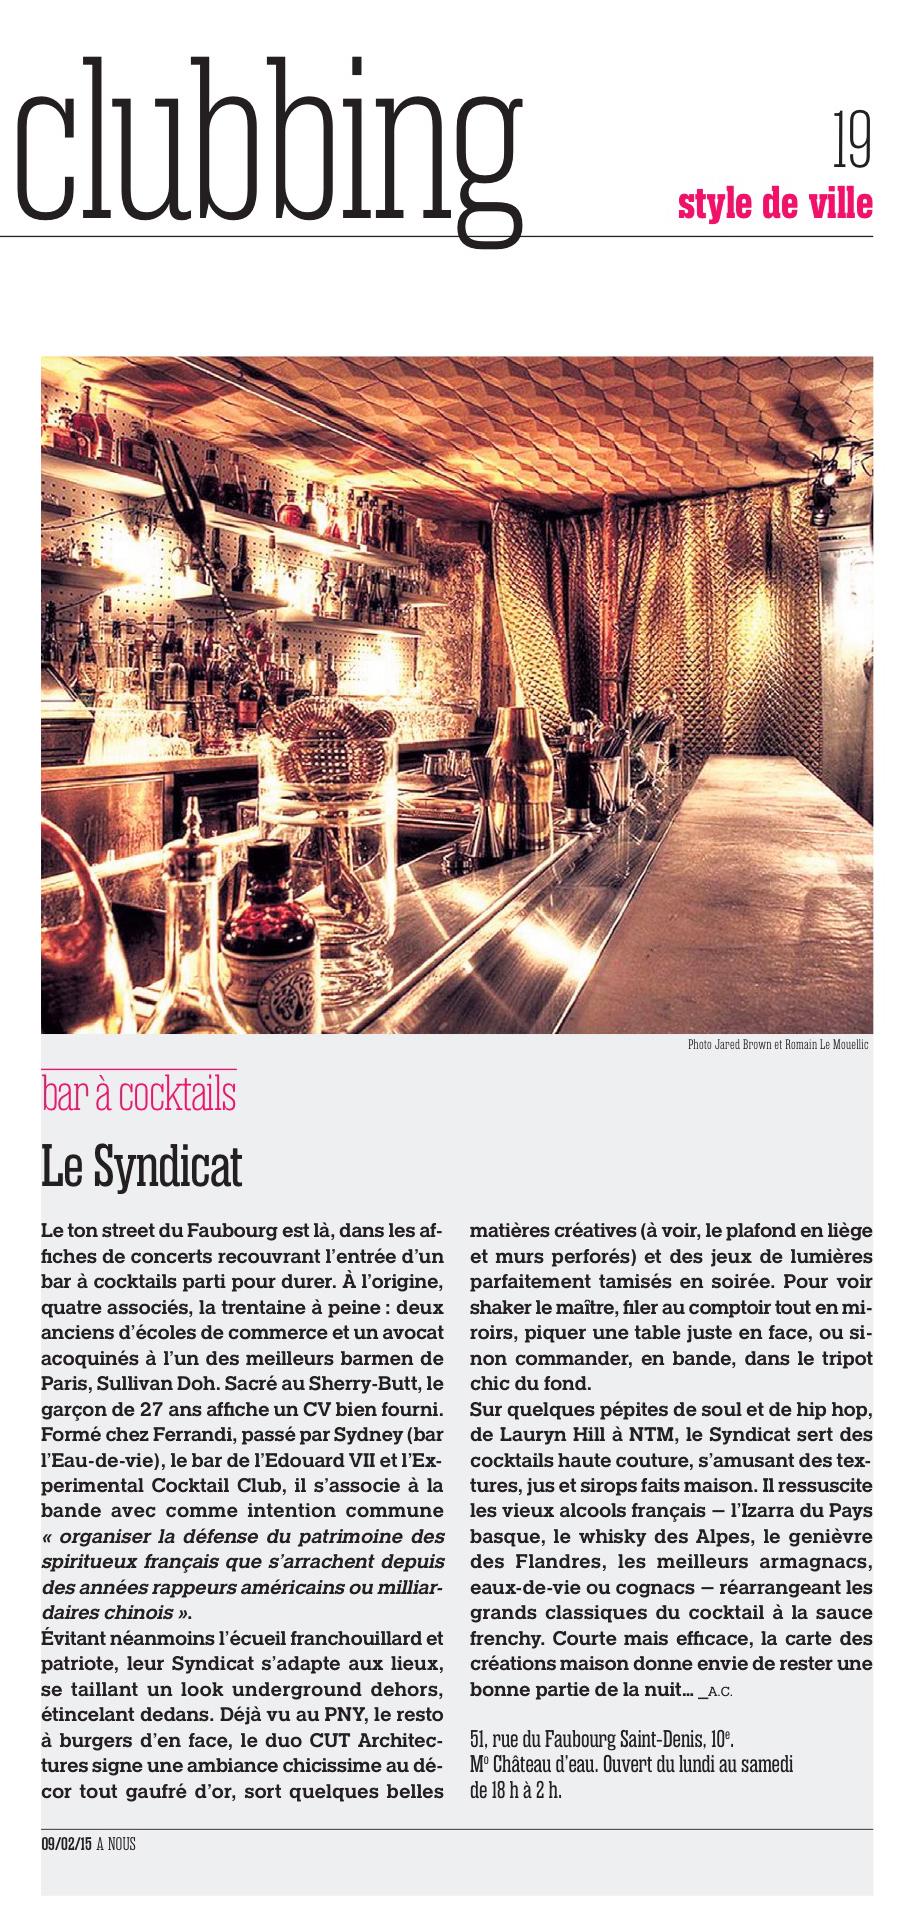 Le Syndicat Cocktail Bar In à Nous Paris Magazine Cut Architectures